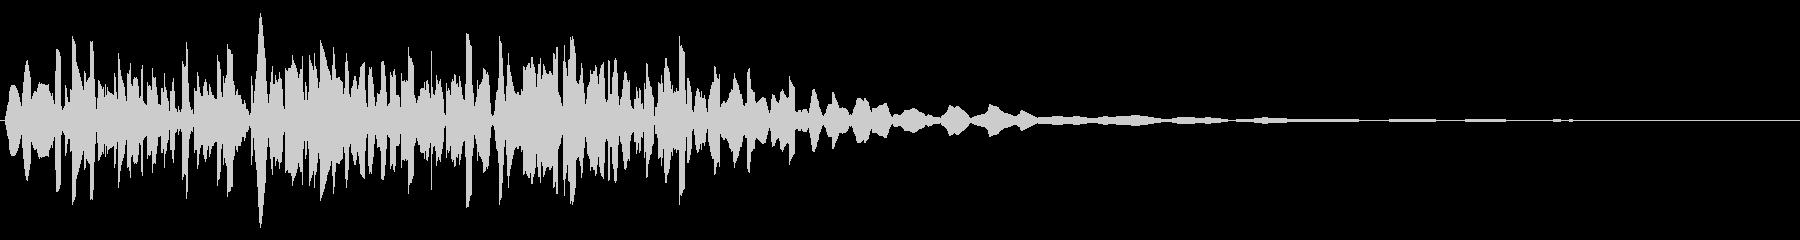 ファミコン風_ノック音2の未再生の波形